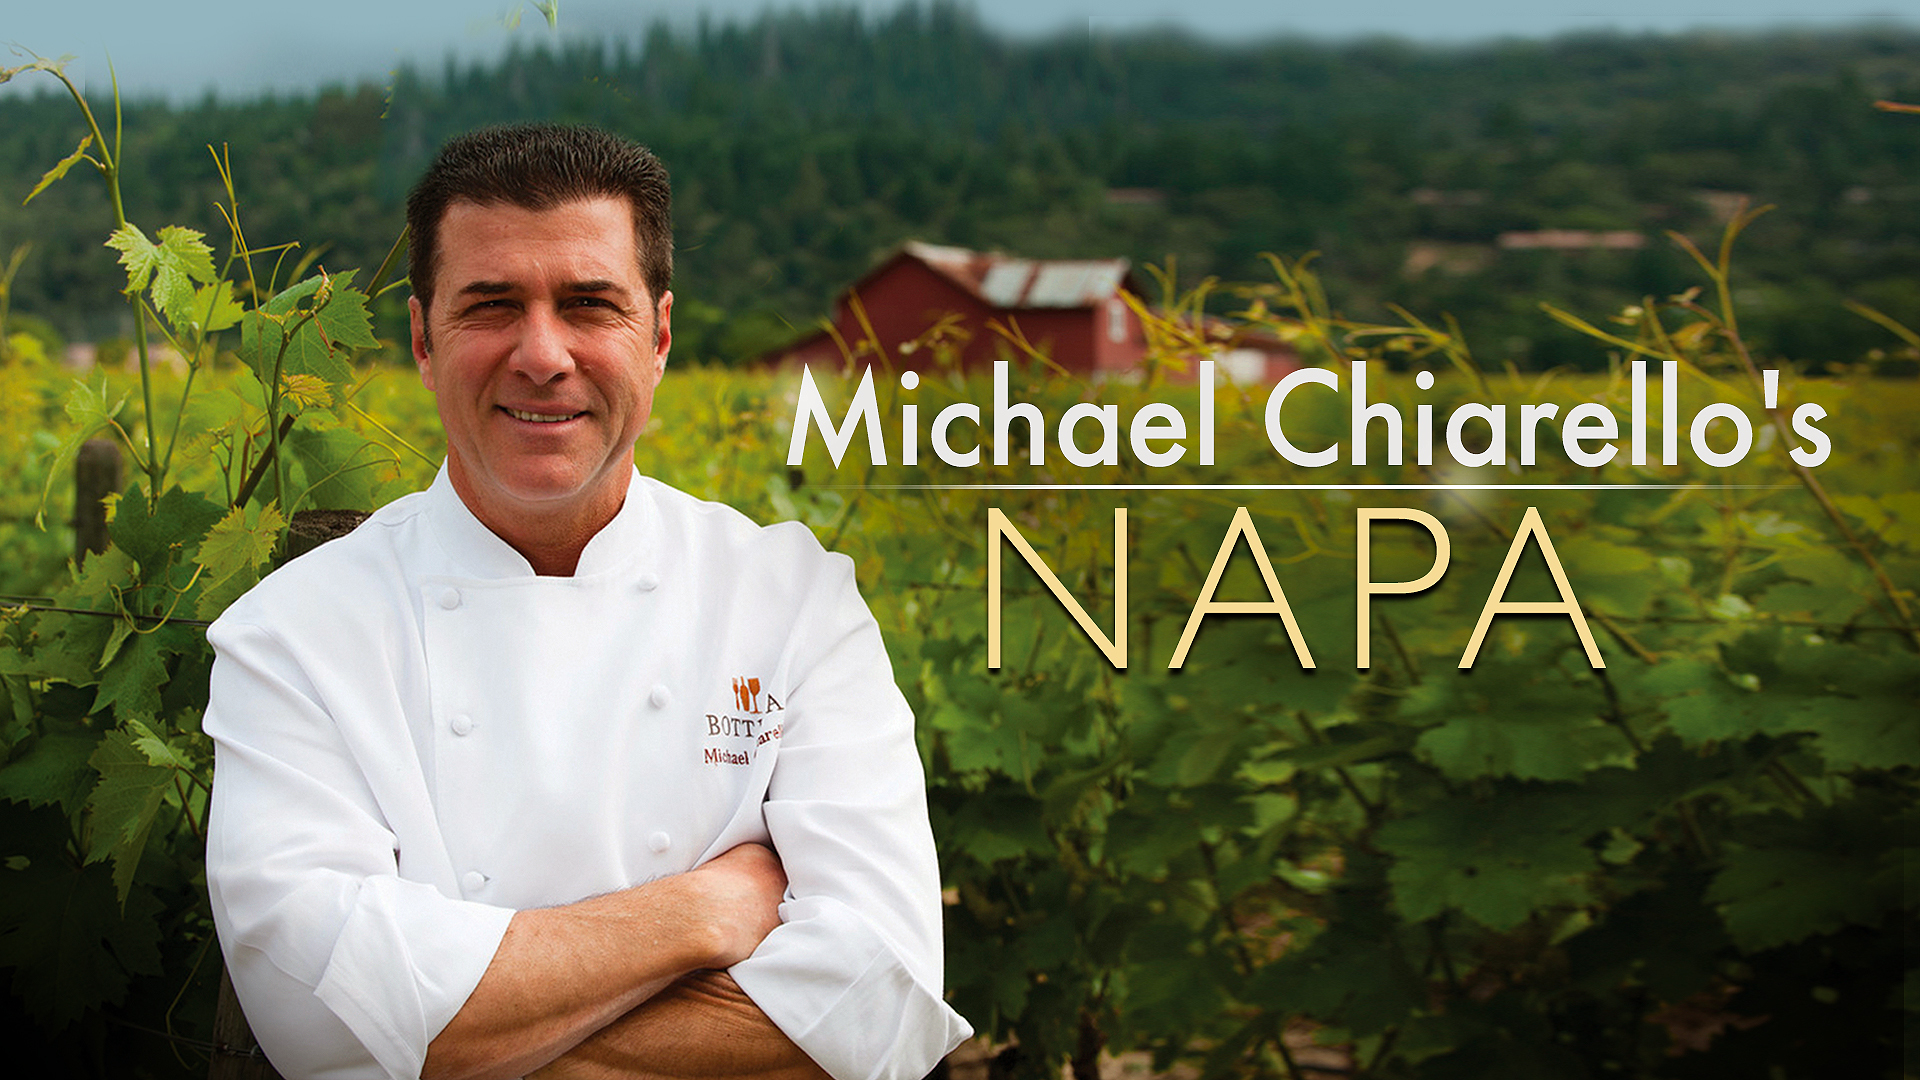 Michael Chiarello's Napa